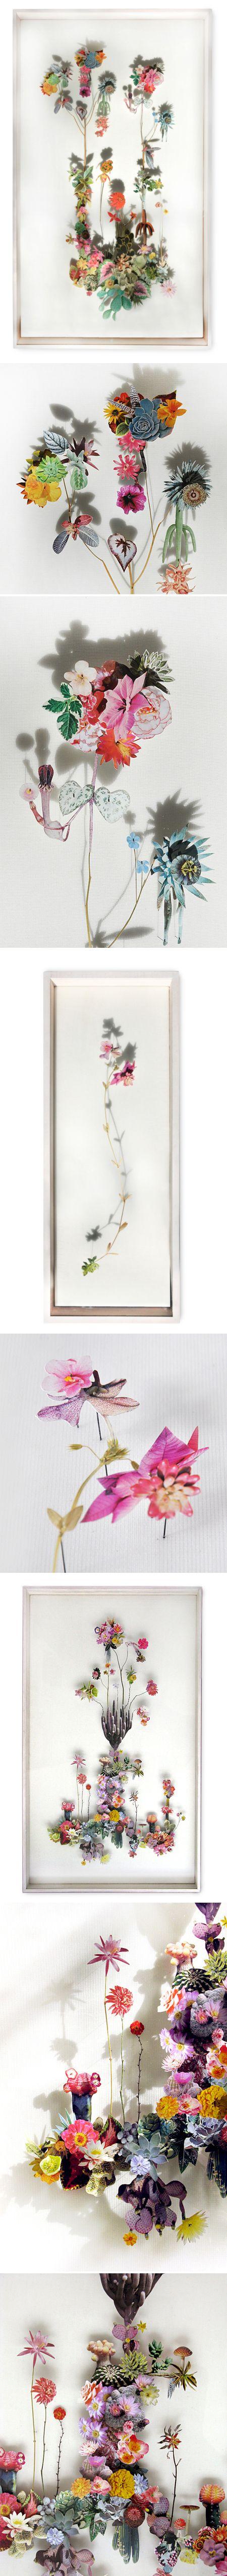 Anne Ten Donkelaar: Art Blog, Artists Anne, Jealous Clean, Paper Art, Paper Flowers, Flowers Pictures, Flowers Art, Cut Flowers, Anne Ten